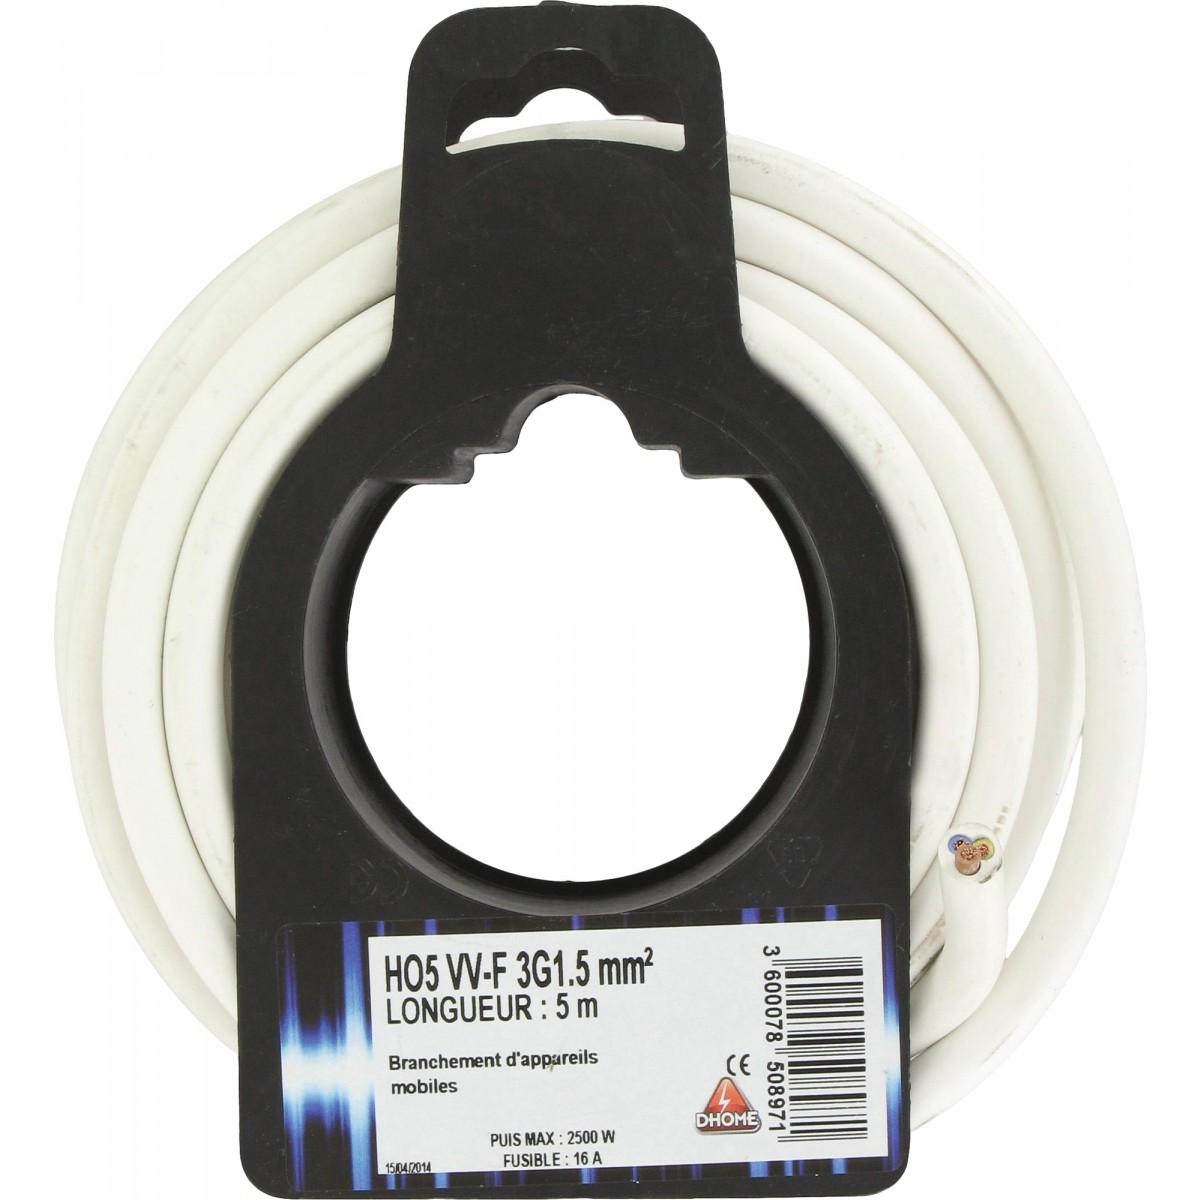 Câble H05 VV-F 3G 1,5 mm² Dhome - Blanc - Longueur 5 m